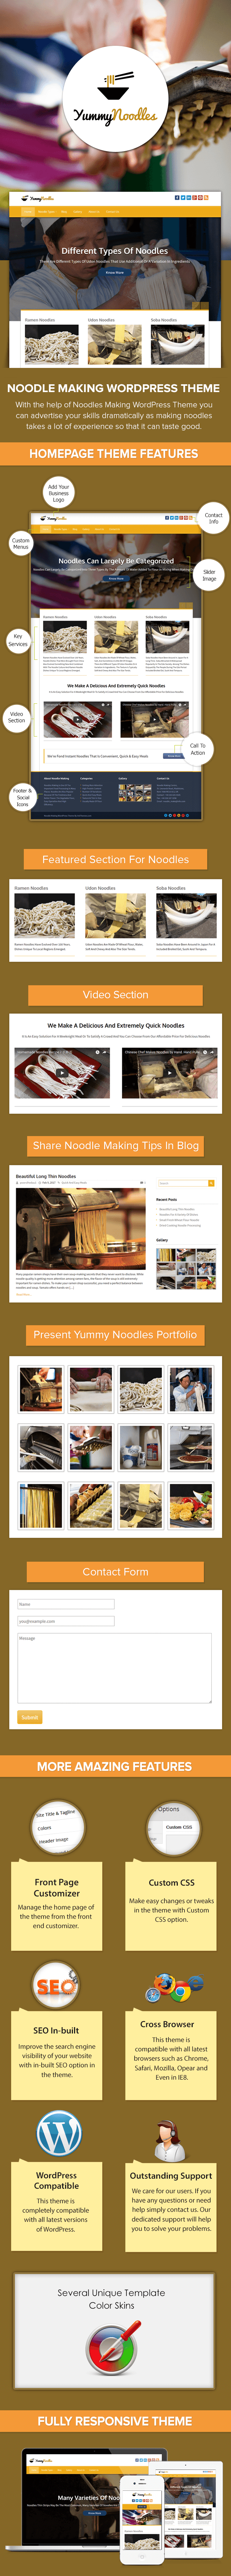 Noodle Making WordPress Theme